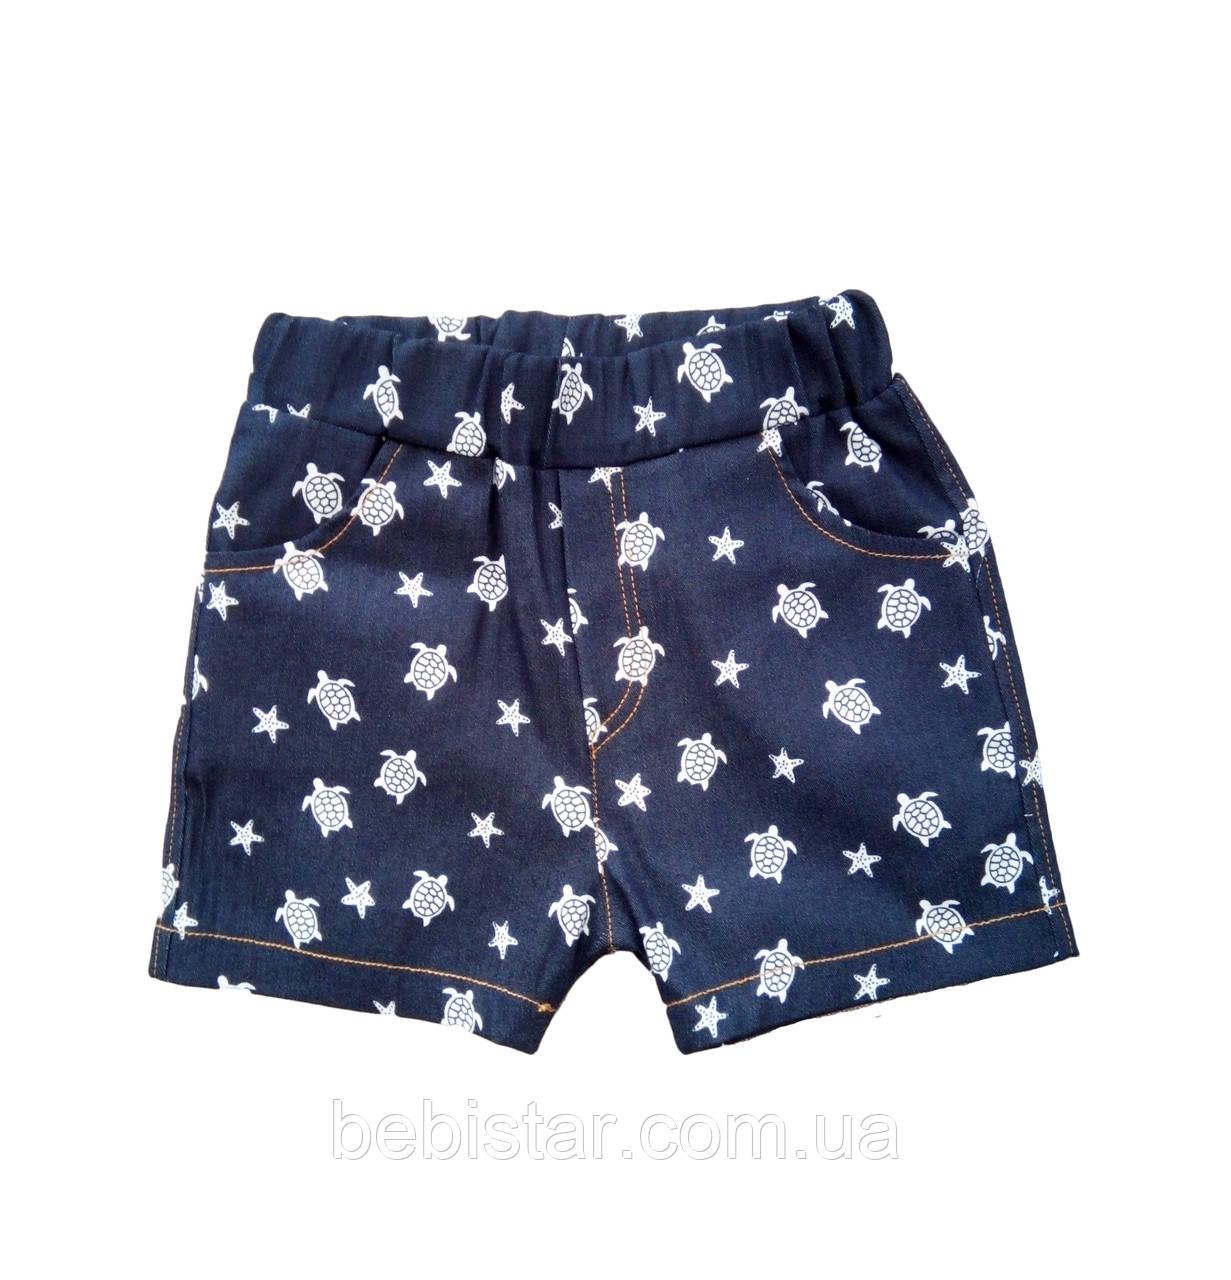 """Шорты джинс """"Черепашки"""" для мальчика 1-3 года"""